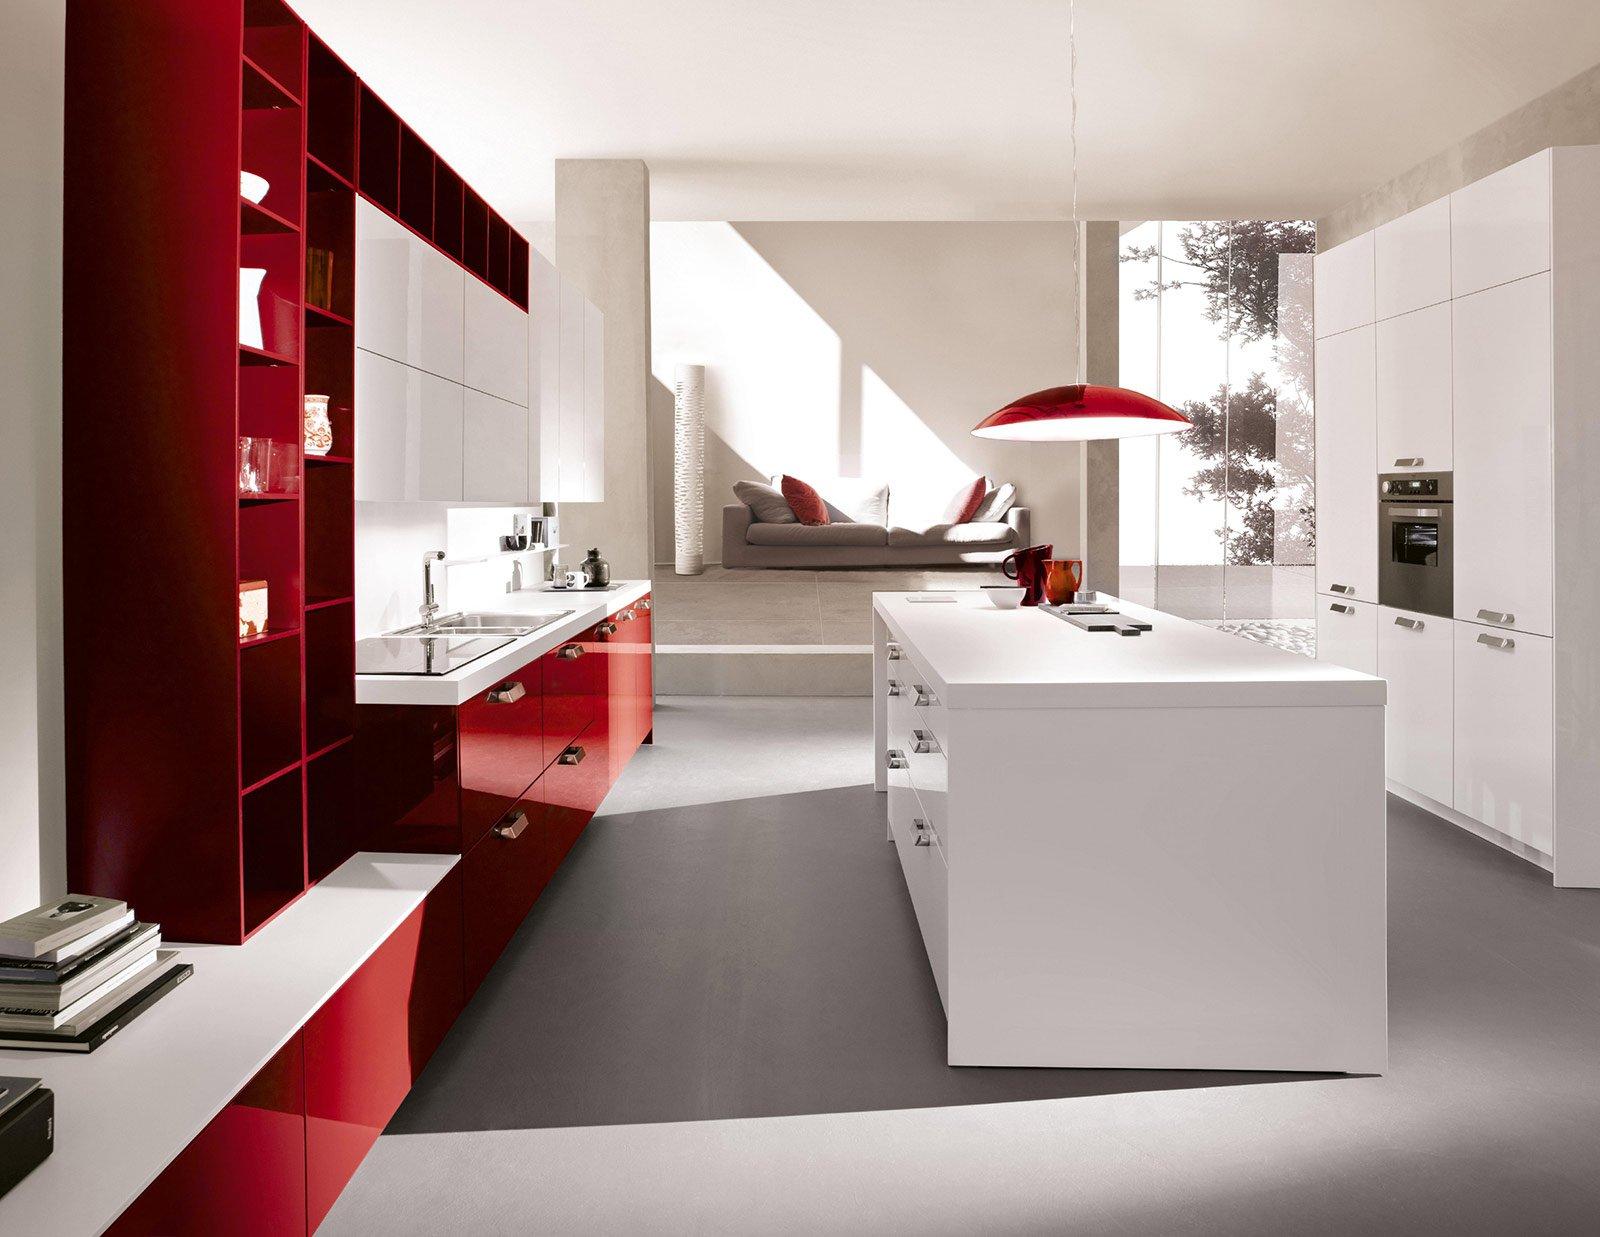 Casabook immobiliare la cucina con l isola monocromatica for Piani di casa con cucina esterna e piscina